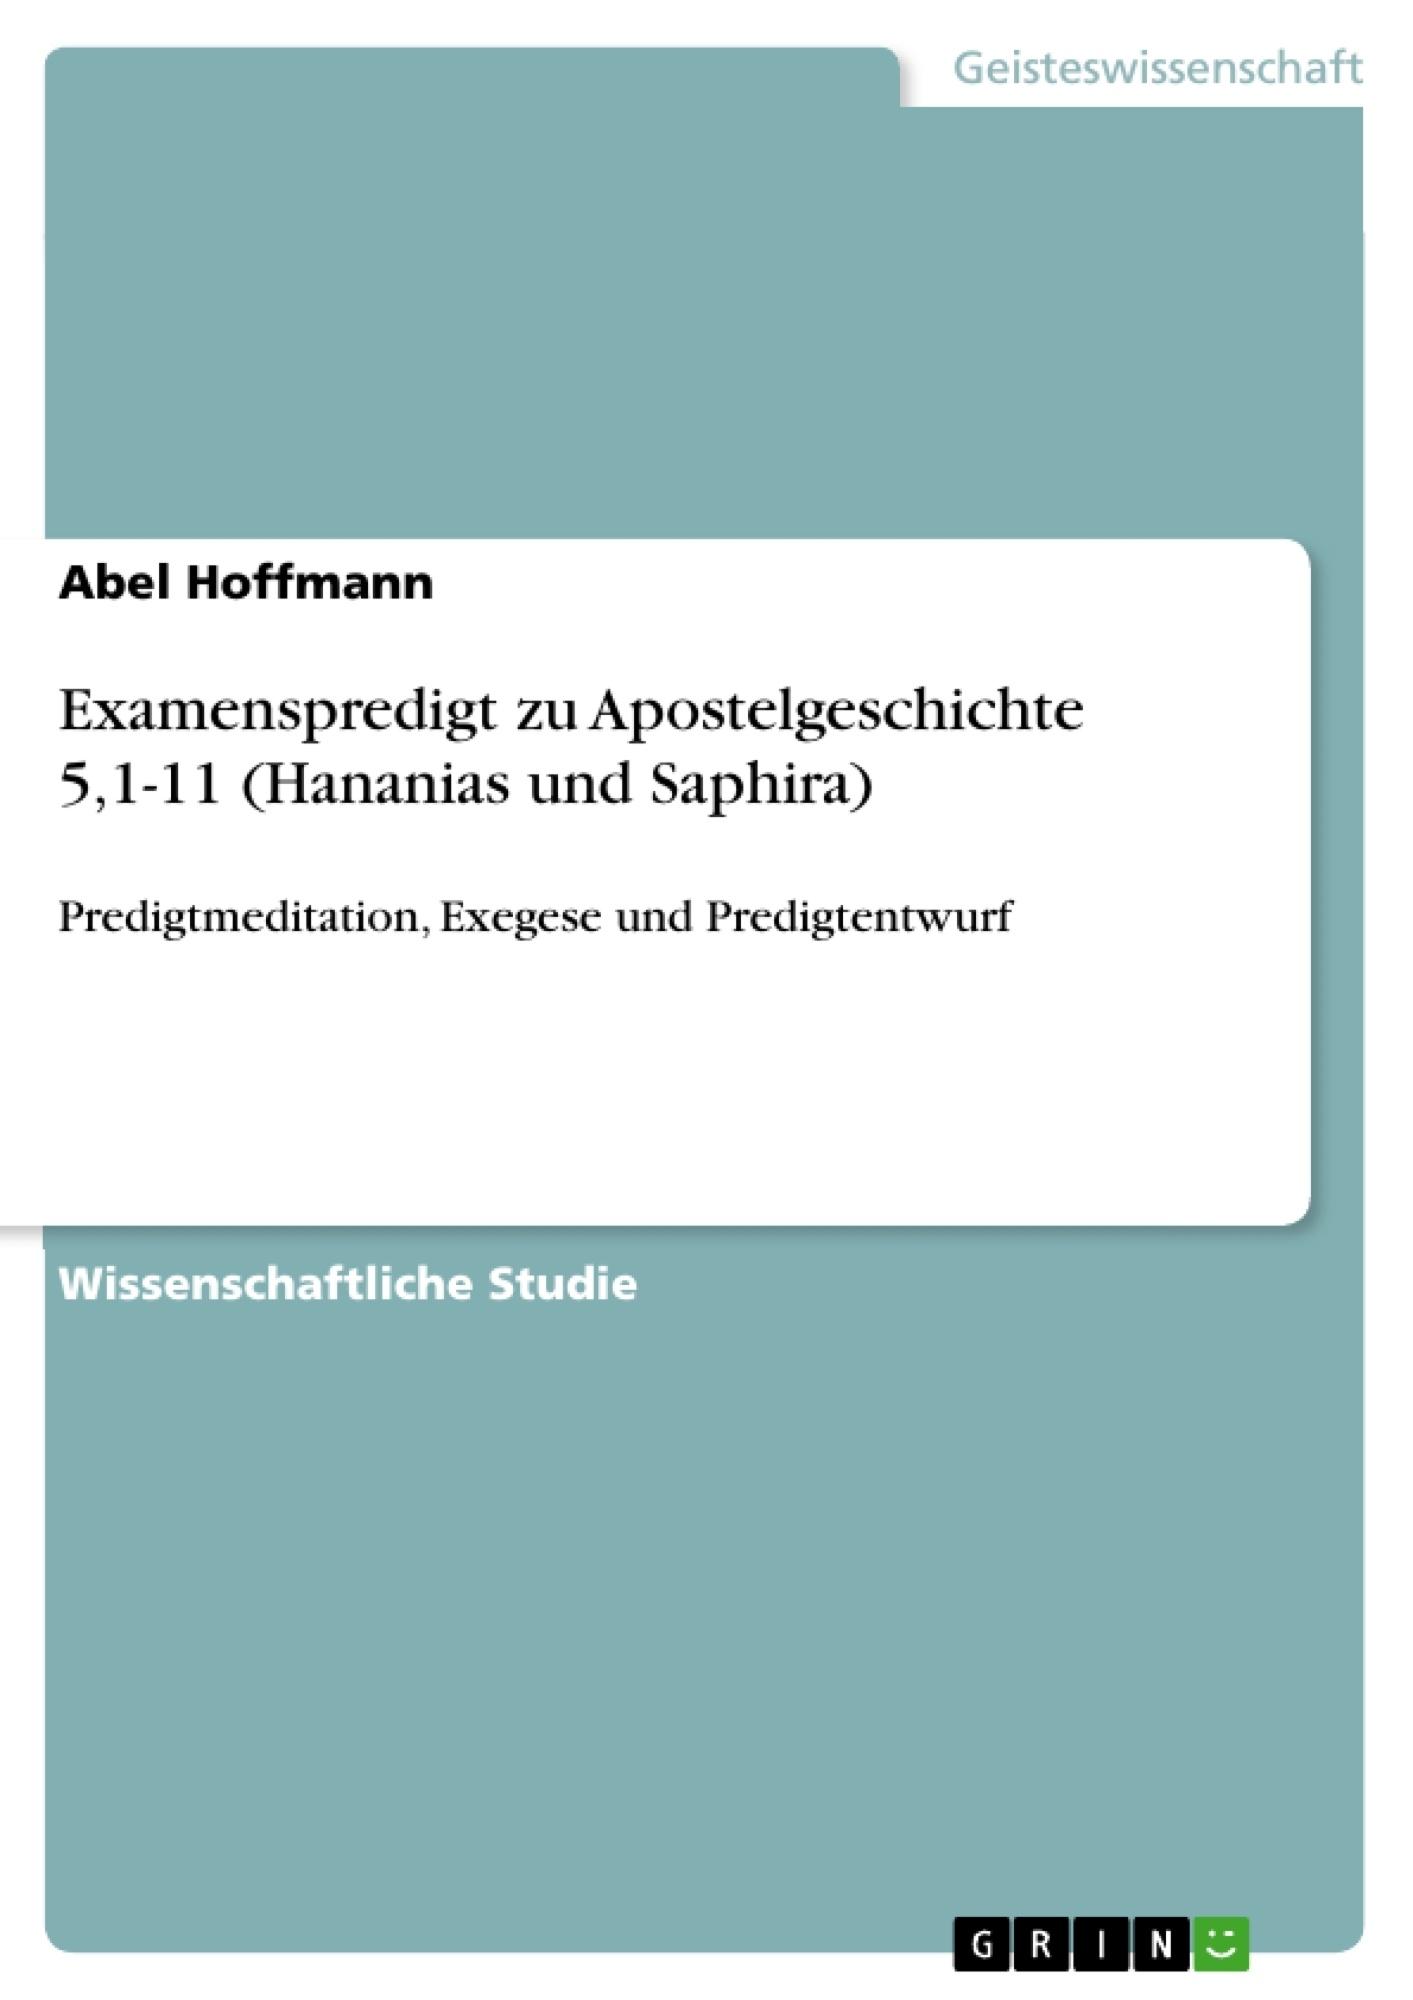 Titel: Examenspredigt zu Apostelgeschichte 5,1-11 (Hananias und Saphira)